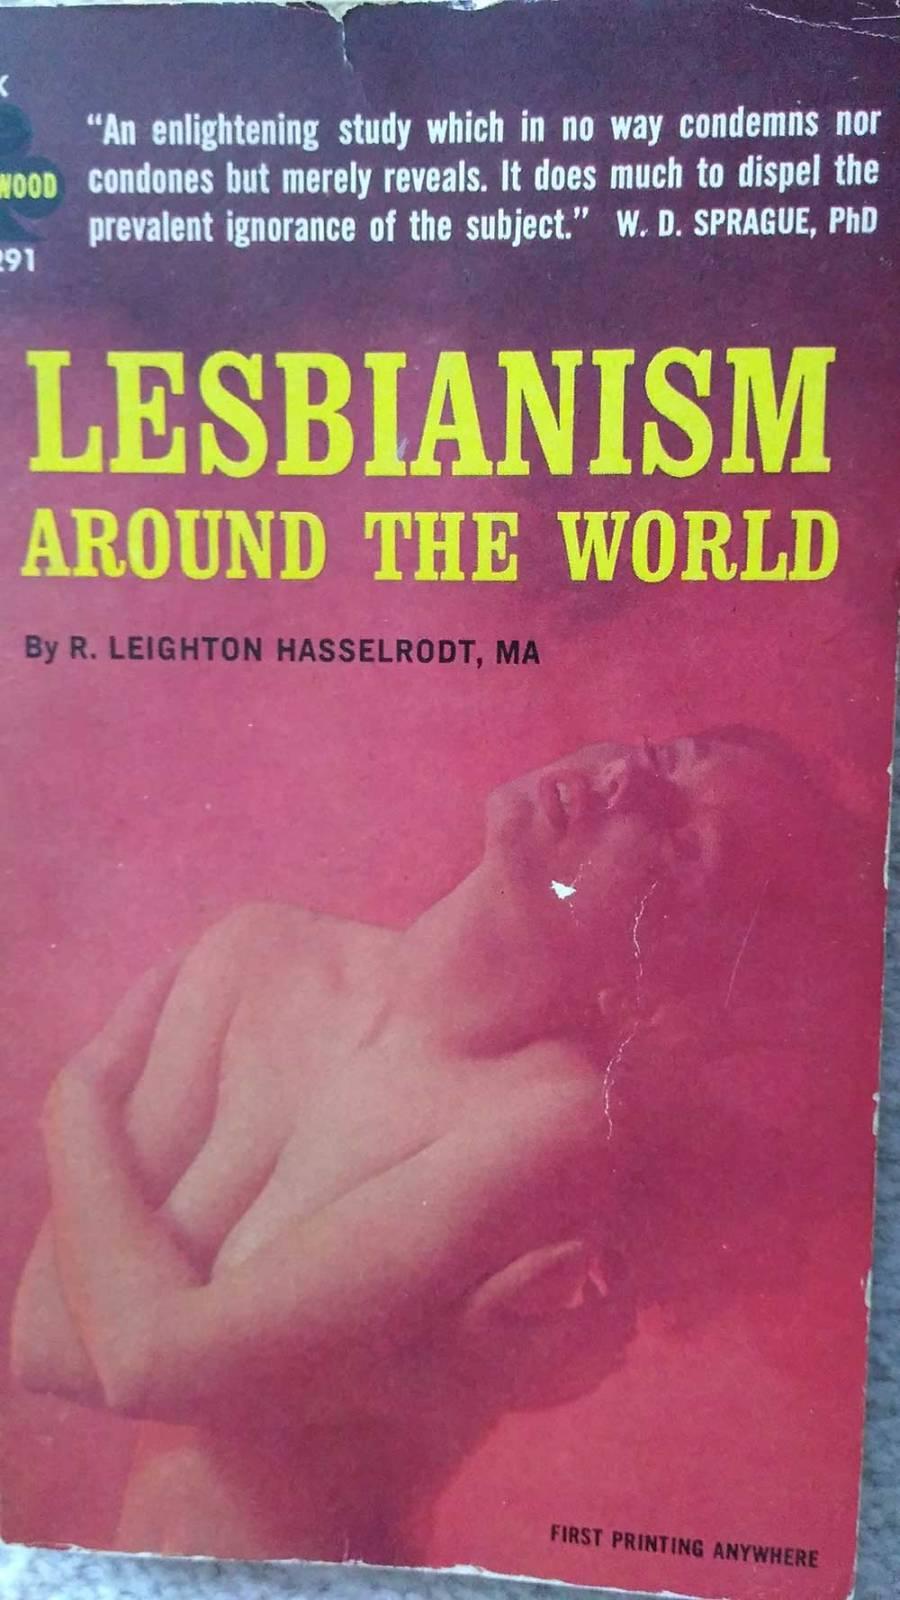 LesbianismAroundTheWorldCoverW